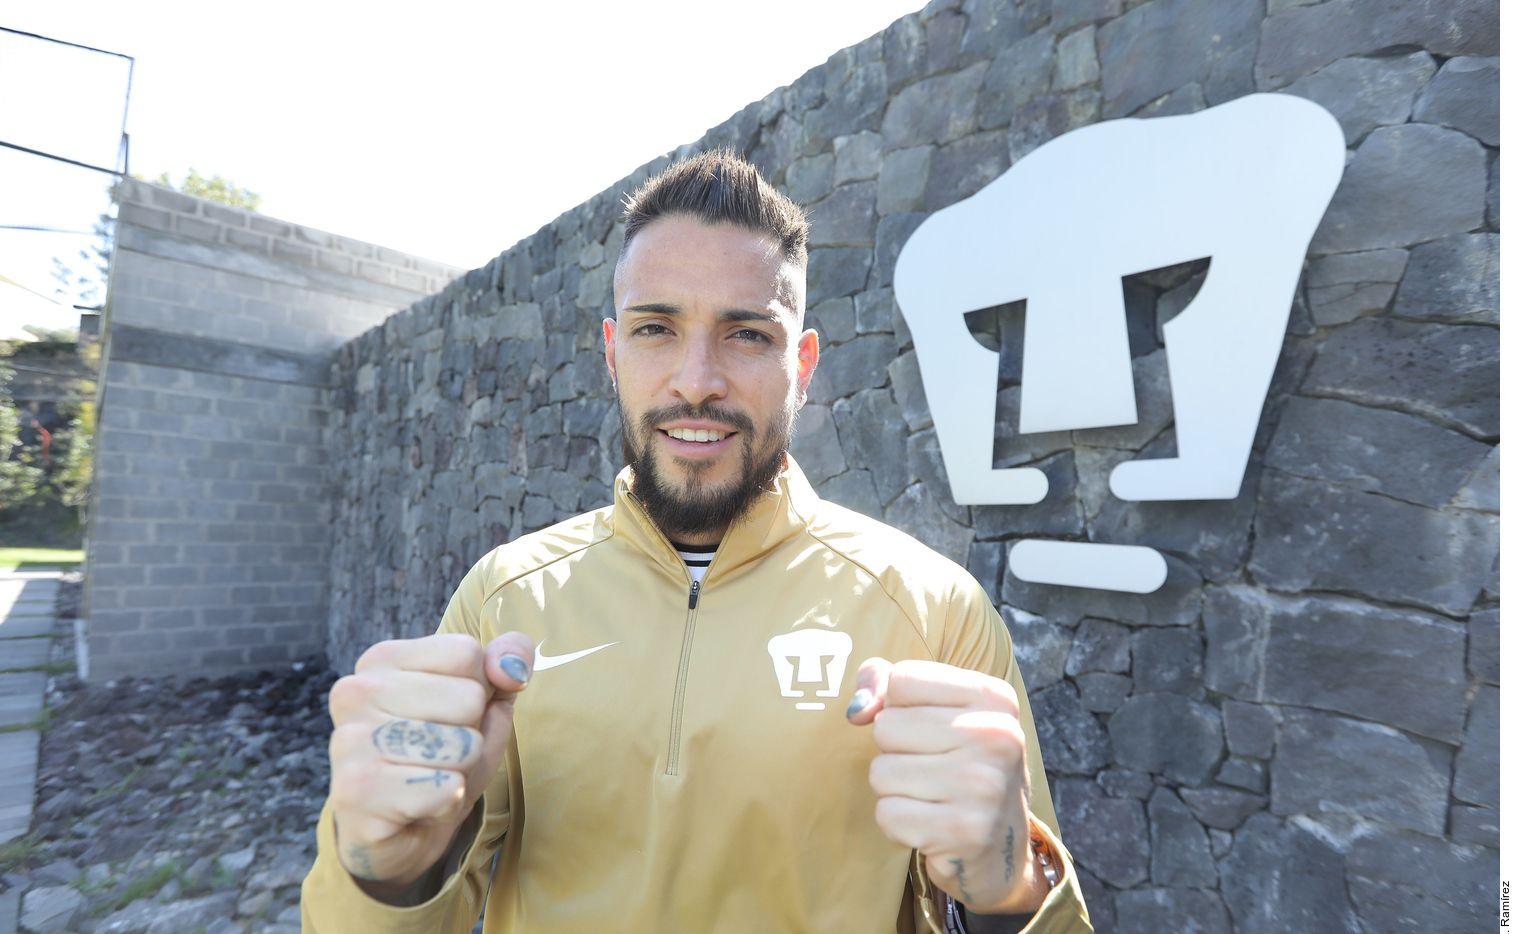 """El arquero de Pumas de la UNAM, Alfredo """"Pollo"""" Saldívar, ha estado 20 años dentro de  la institución universitaria."""